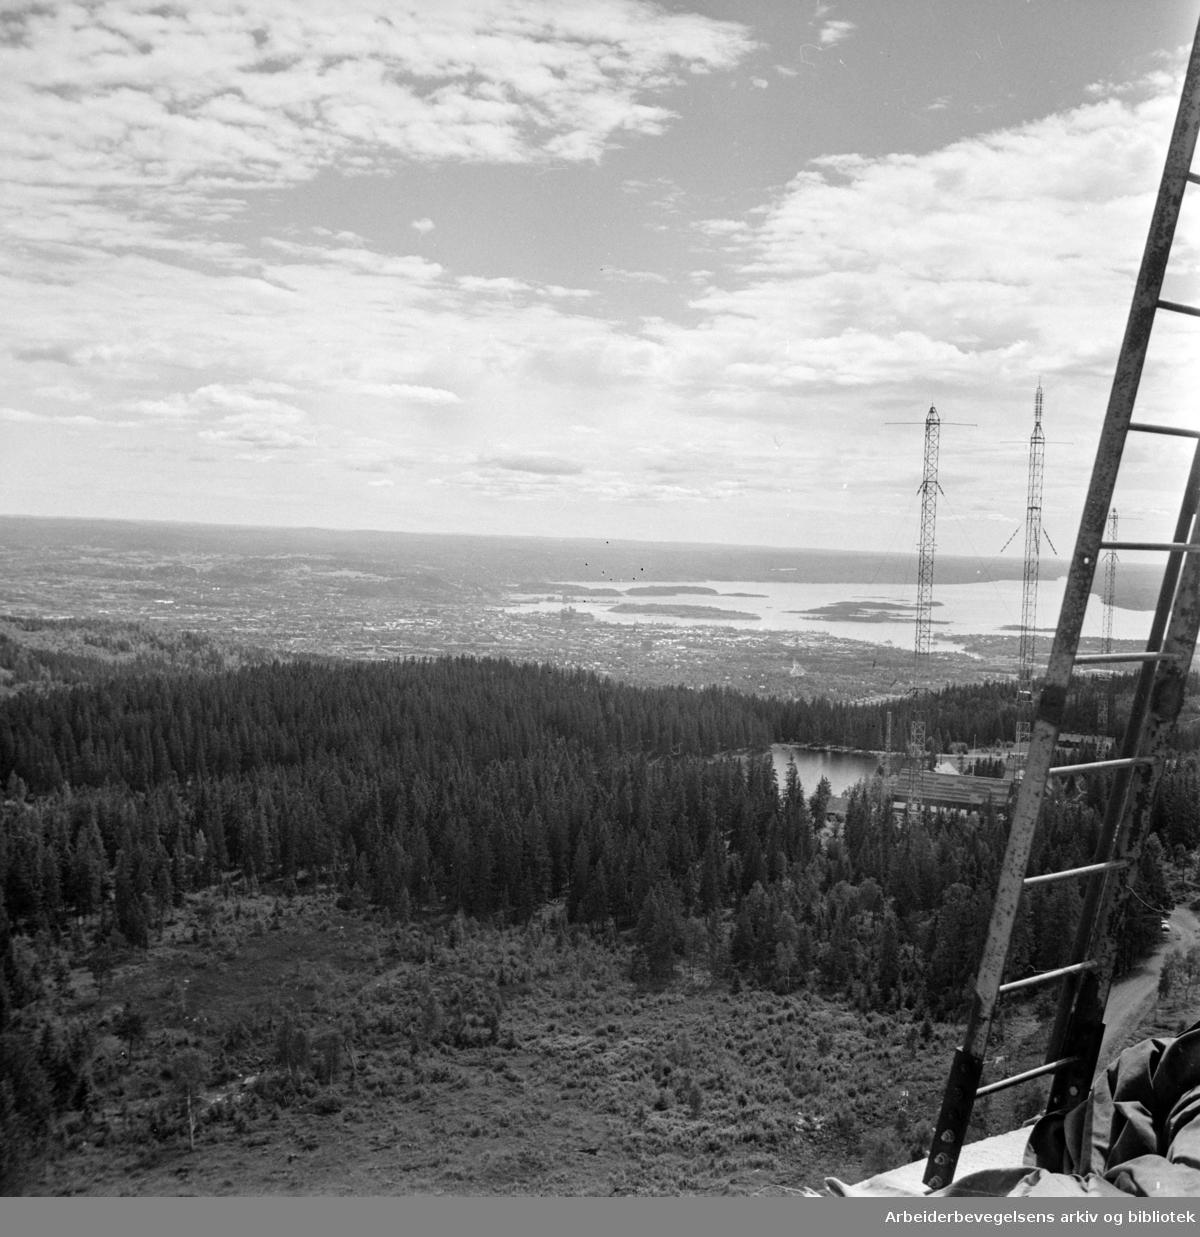 Nordmarka: Utsikten fra det nye tryvannstårnet. Juli 1962